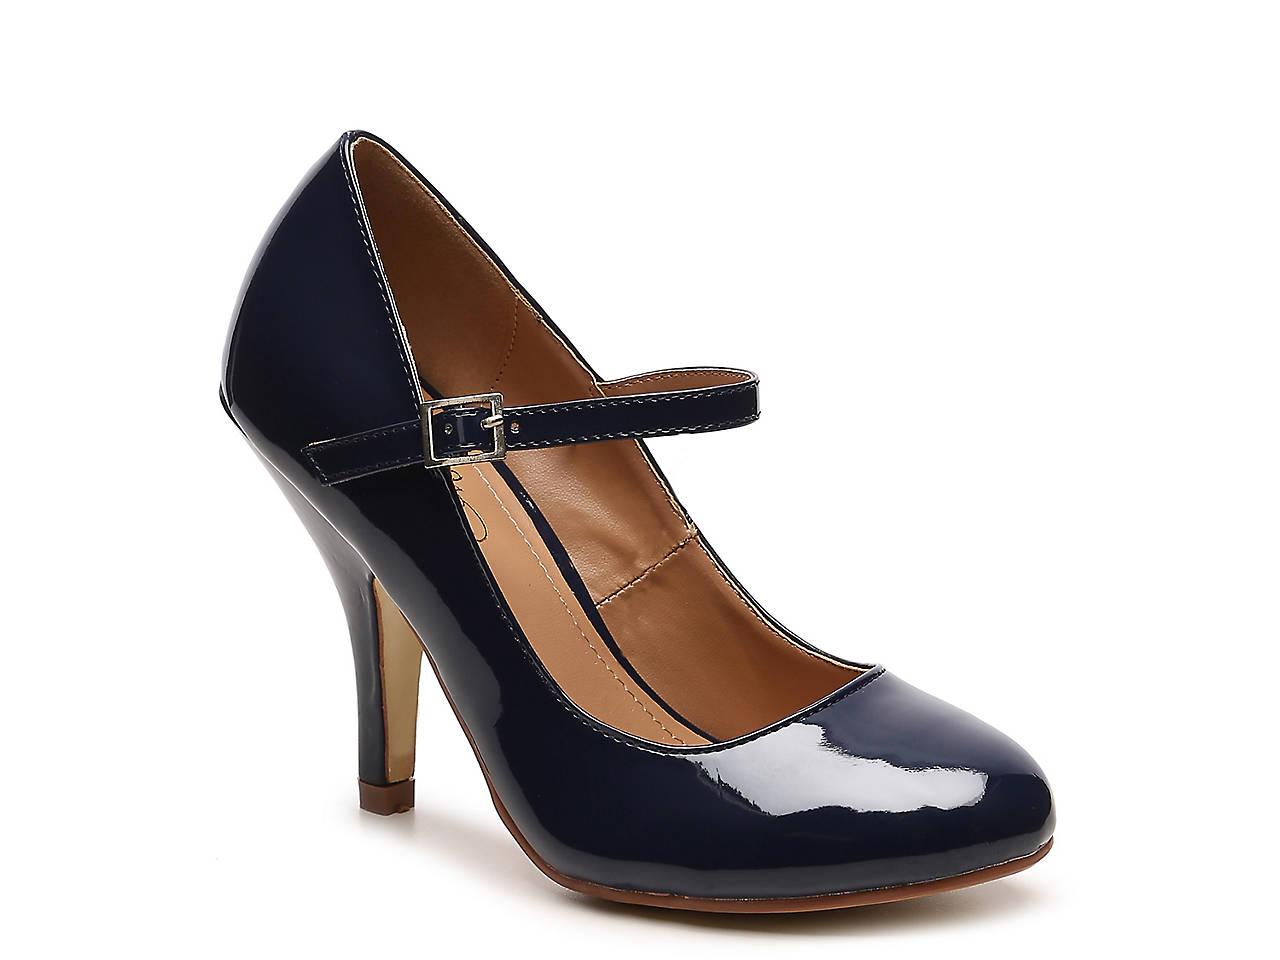 c43aead0fca7 Journee Collection Leslie Pump Women s Shoes